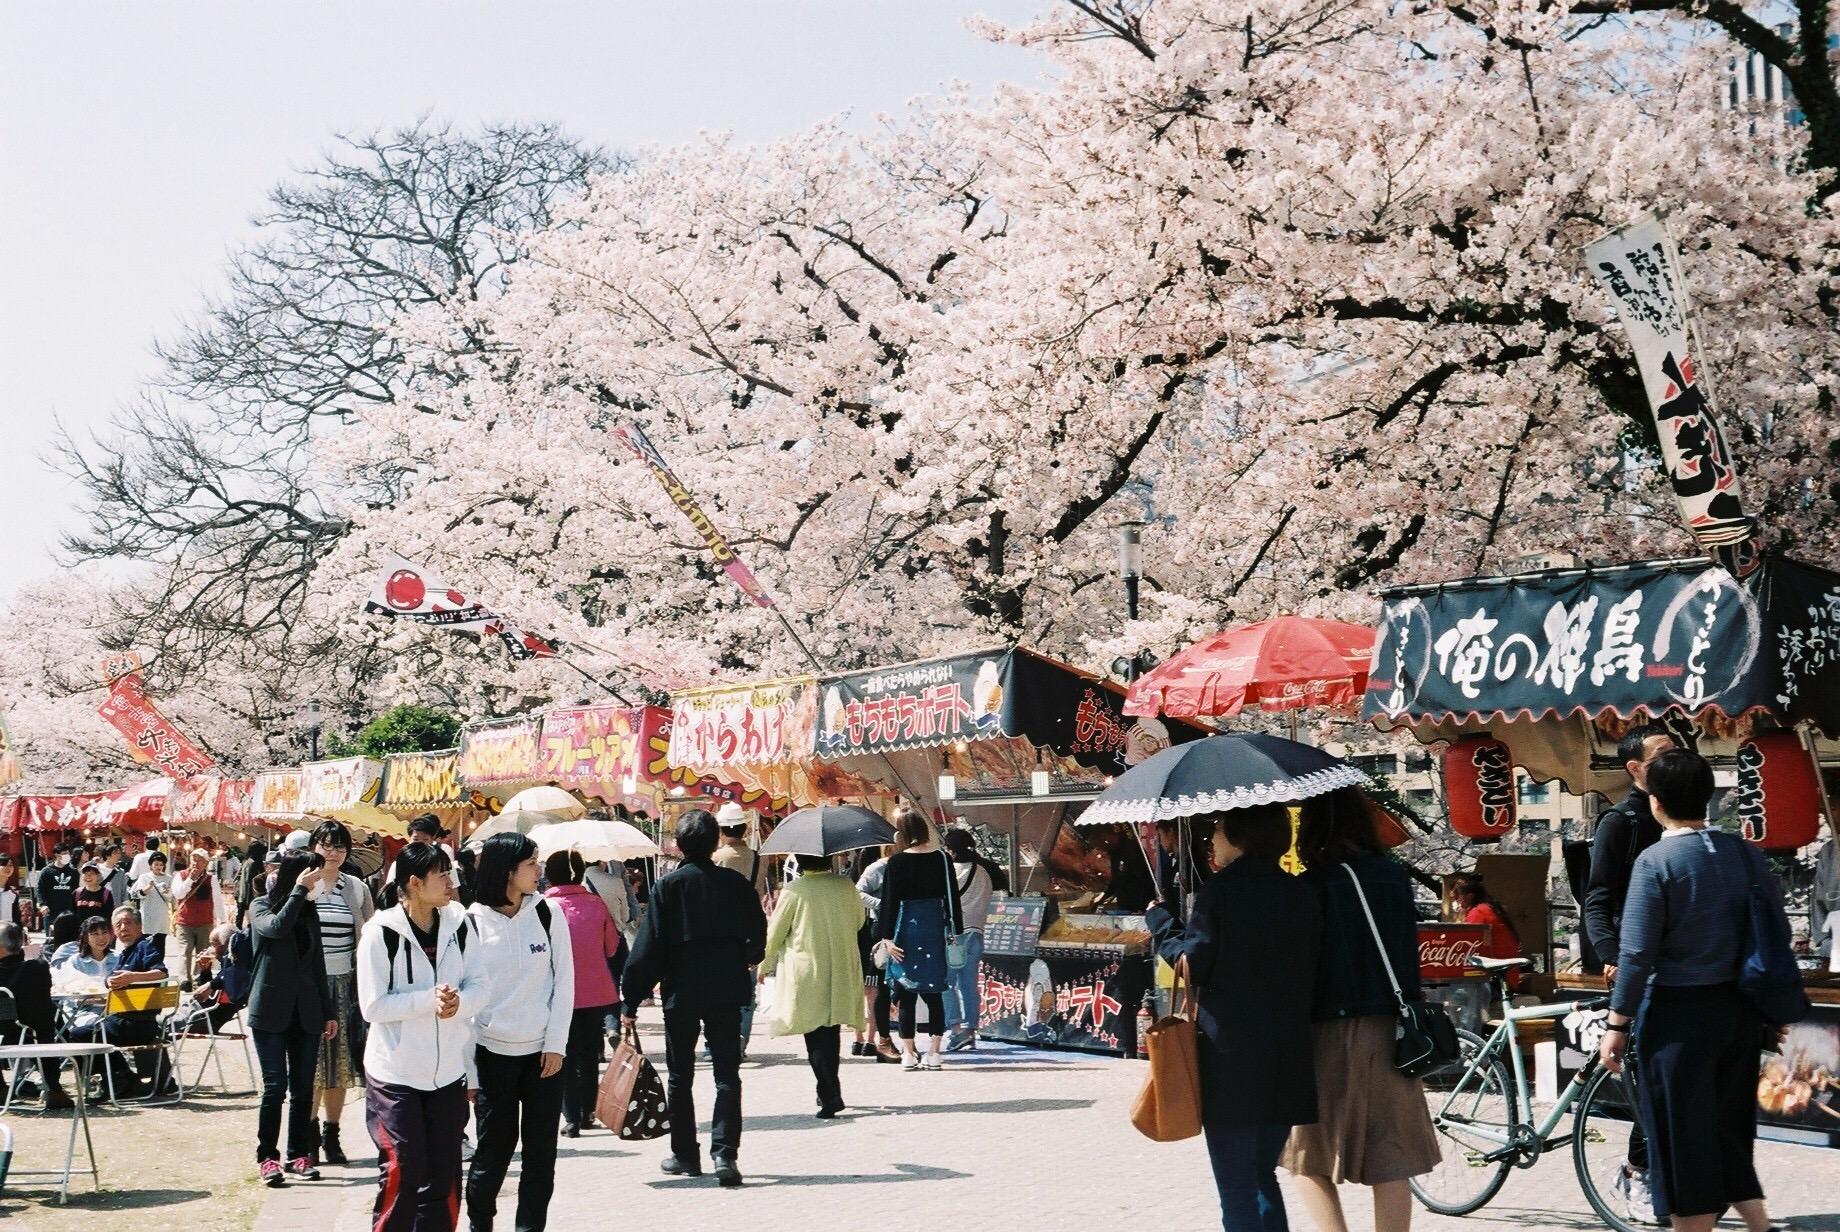 フィルムと桜の記憶。Leica IIIa+Elmar 50/3.5